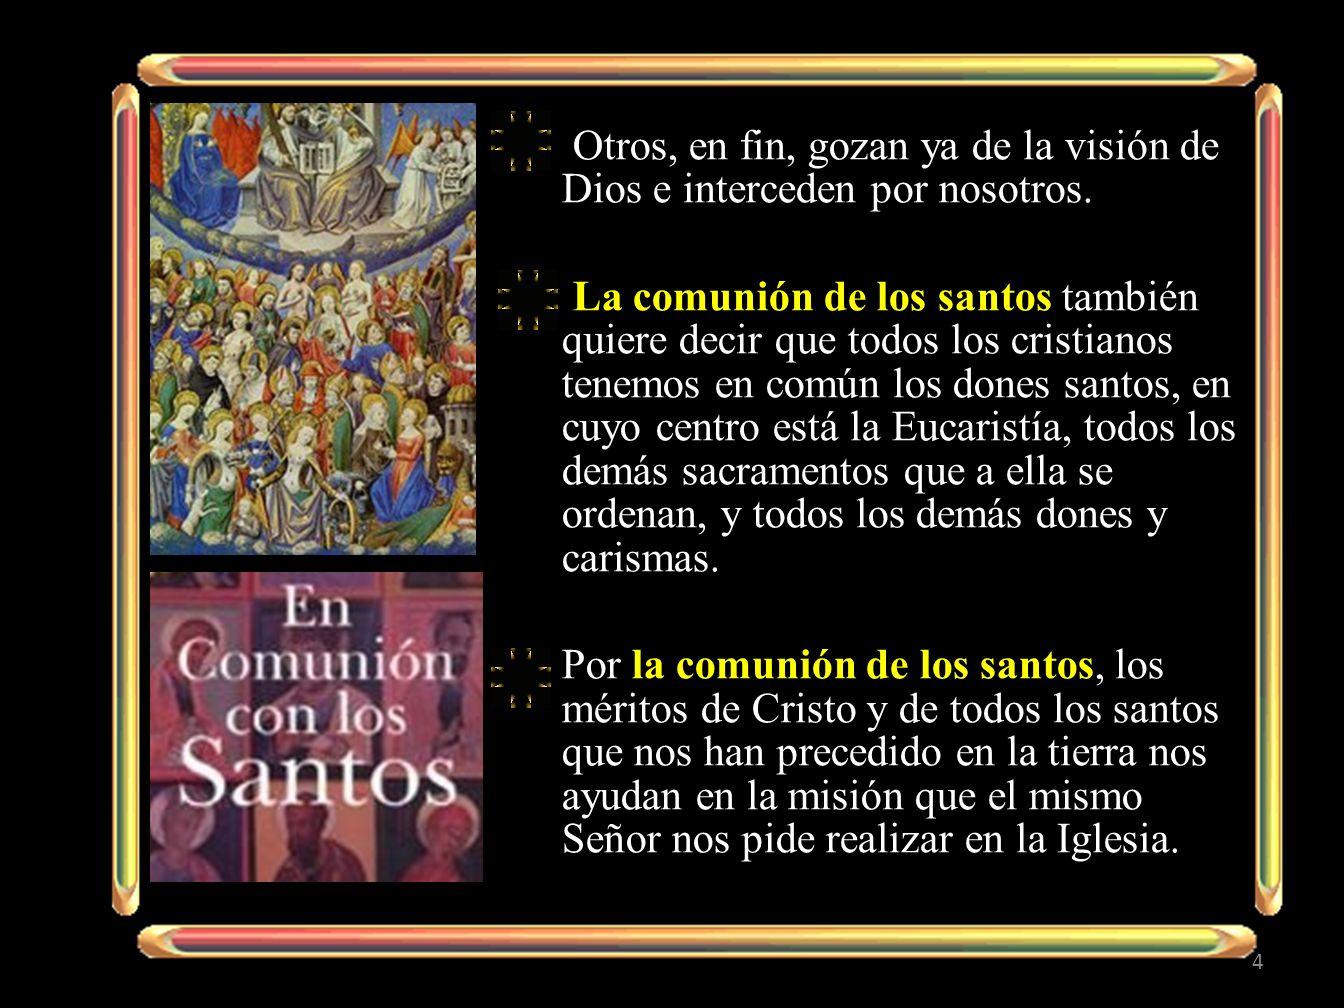 Los santos que están en el Cielo no asisten con indiferencia a la vida de la Iglesia peregrinante: nos impulsan con su intercesión ante el Trono de Dios, y aguardan que la plenitud de la comunión de los santos se realice con la segunda venida del Señor, el juicio y la resurrección de los cuerpos.